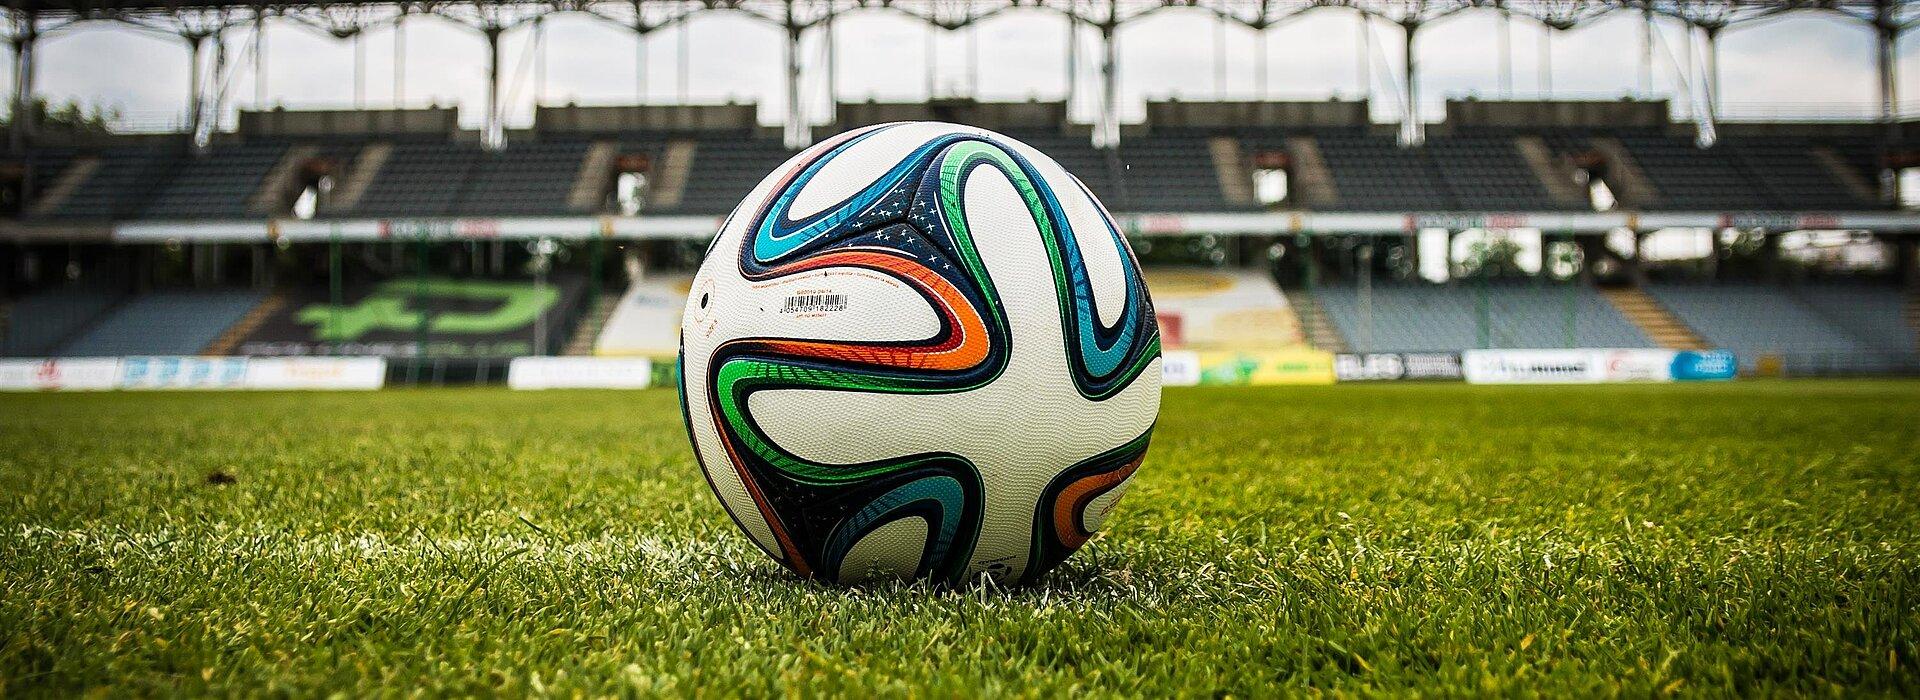 A foto mostra uma bola no meio de campo de futebol